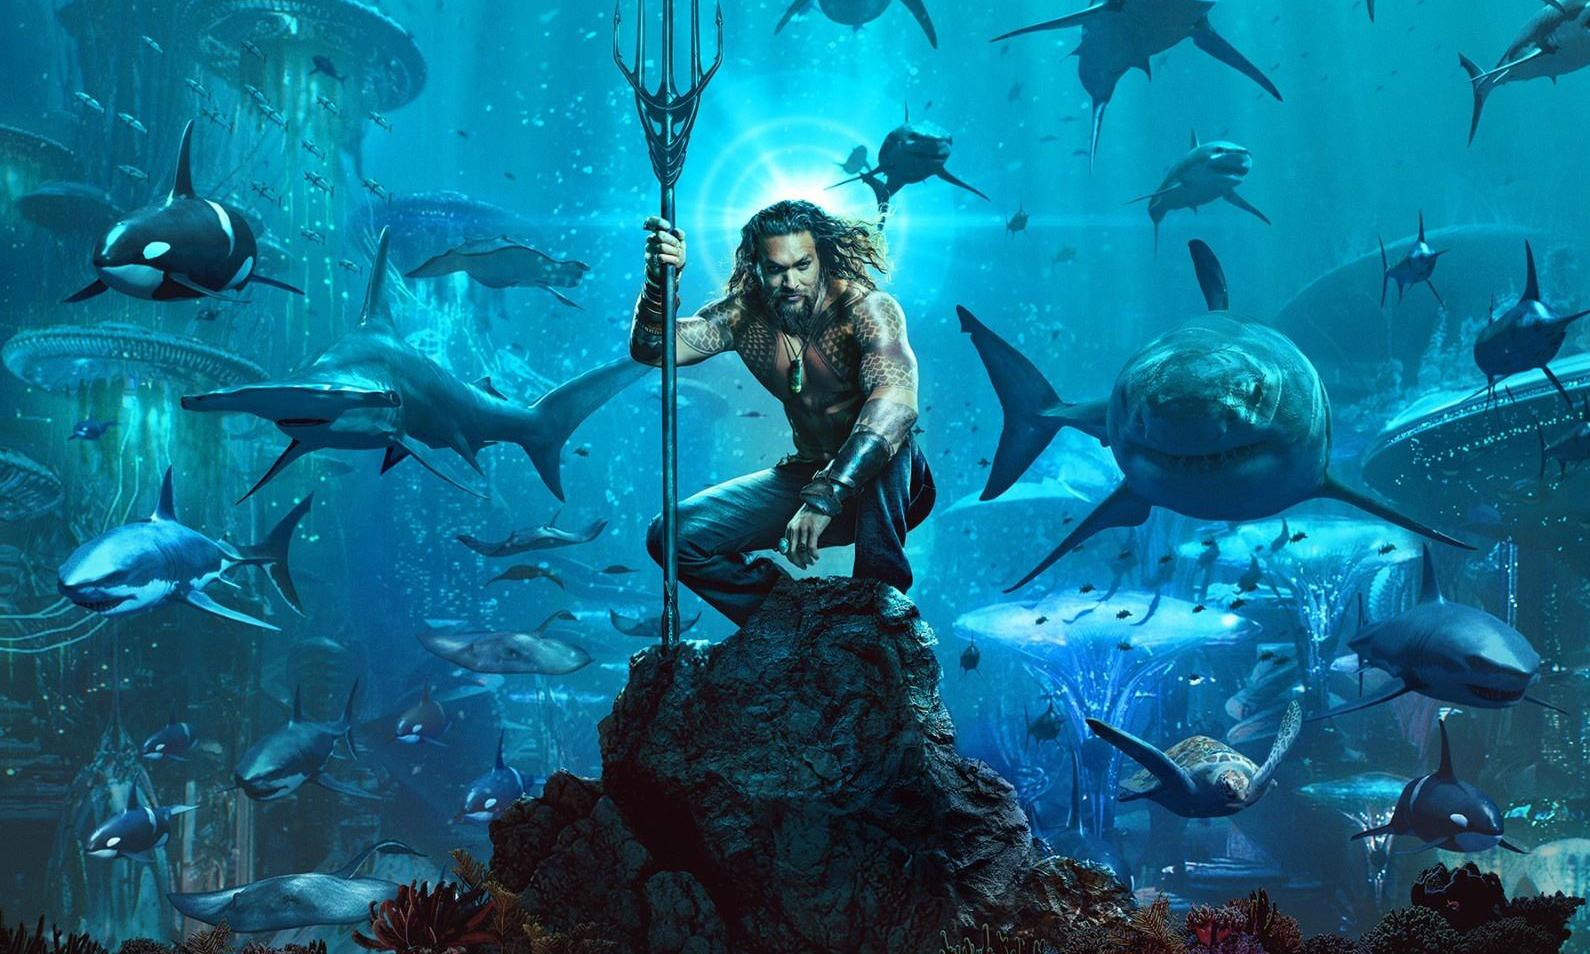 《海王2》编剧敲定,衍生恐怖电影《海沟族》也在开发中